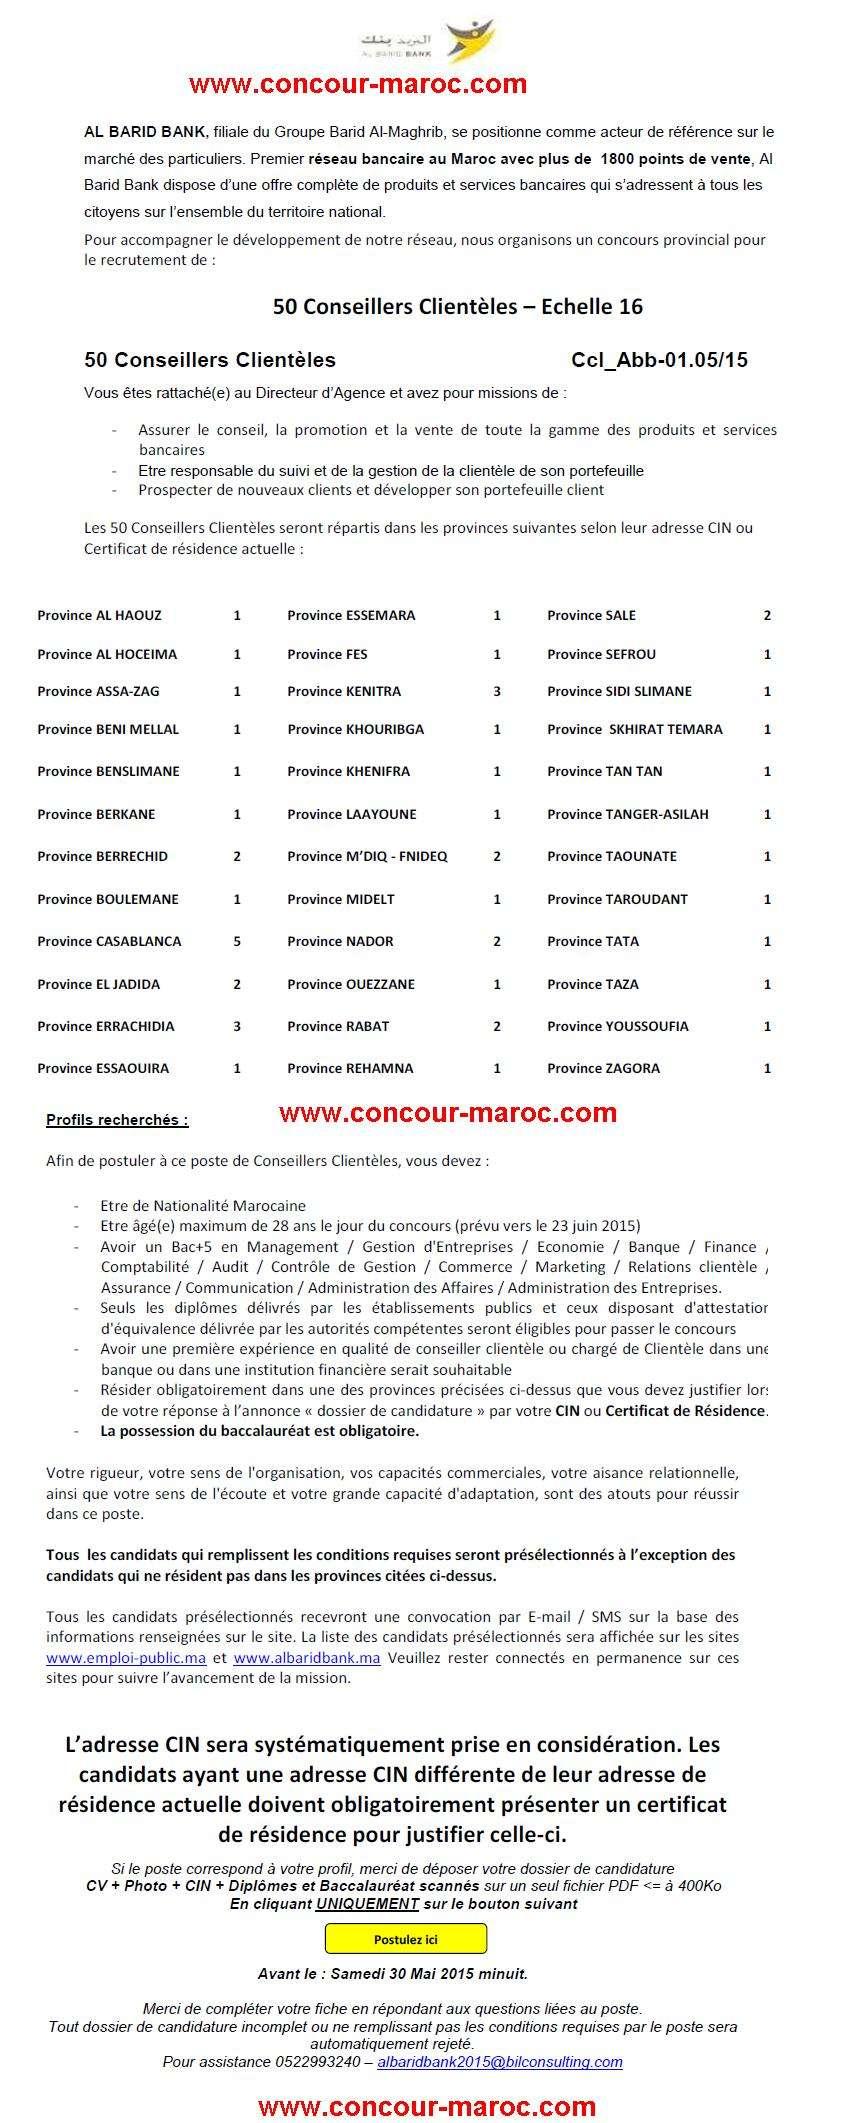 البريدبنك : مباراة لتوظيف مستشار الزبناء (50 منصب) آخر أجل لإيداع الترشيحات  30 ماي 2015 Conco152